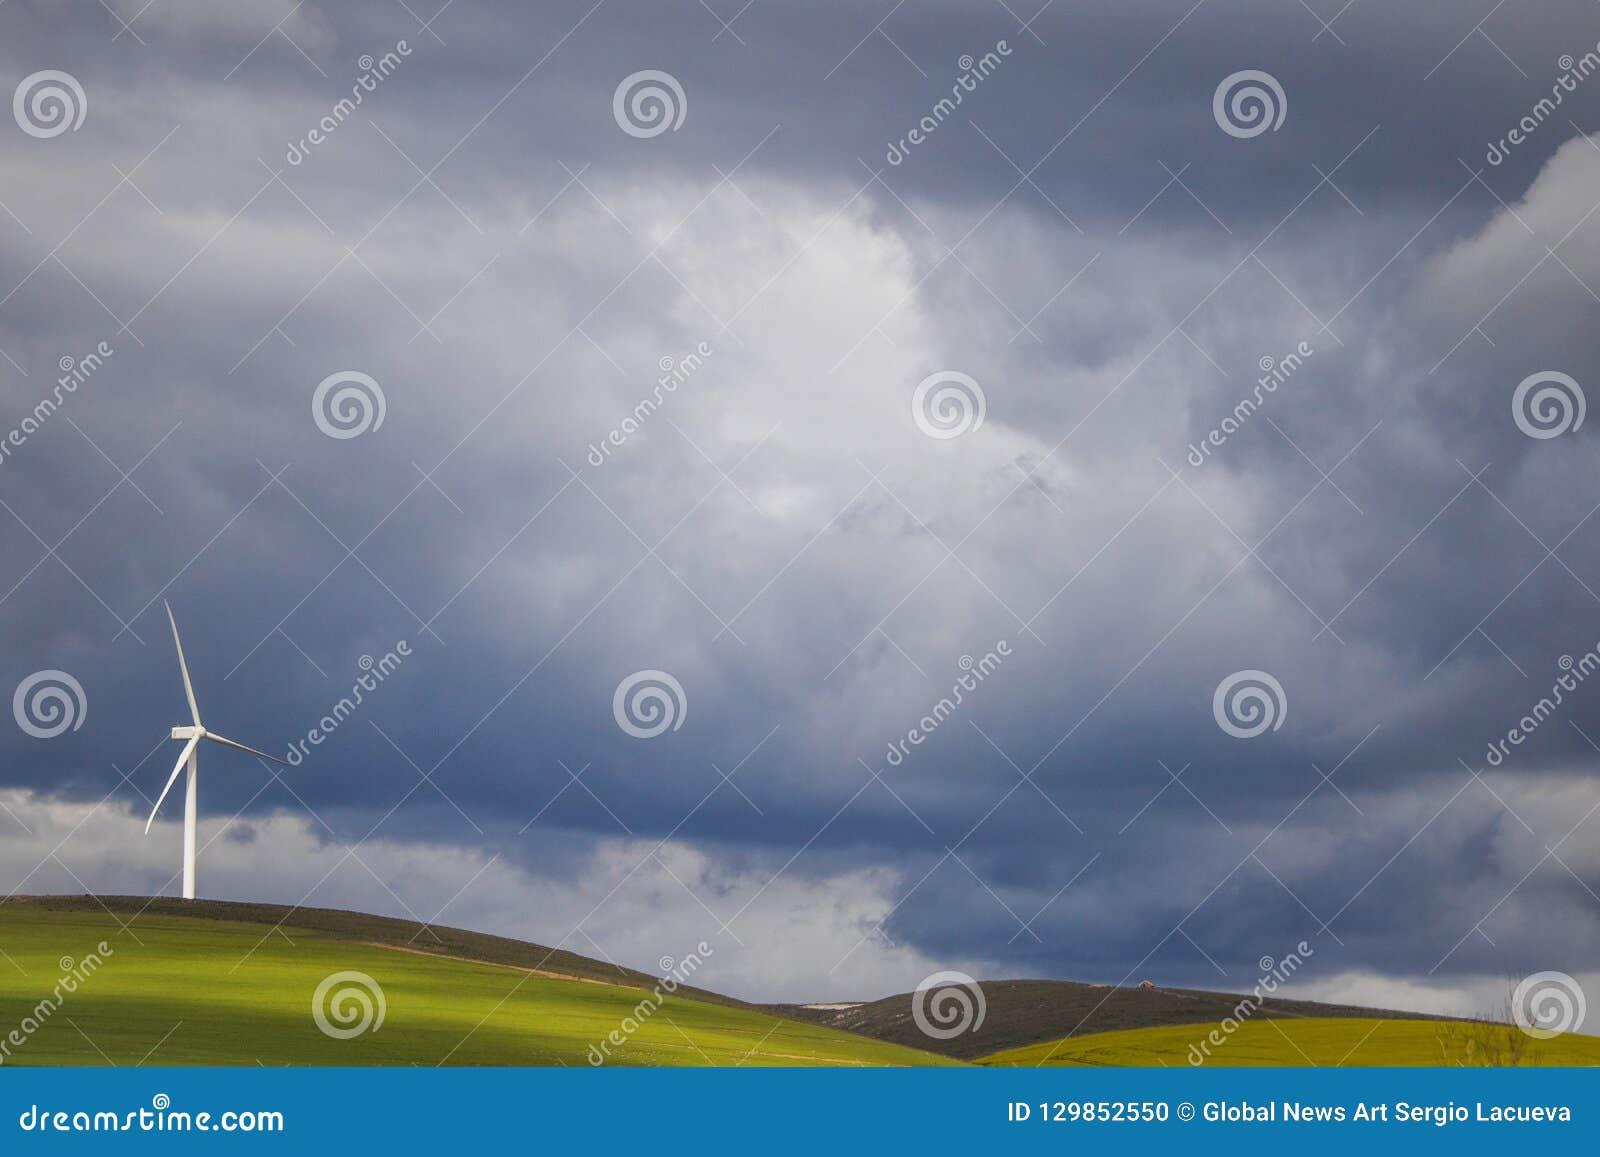 Dramatyczna burza nad silnikiem wiatrowym w zieleni polach - Caledon, Zachodni przylądek, Południowa Afryka